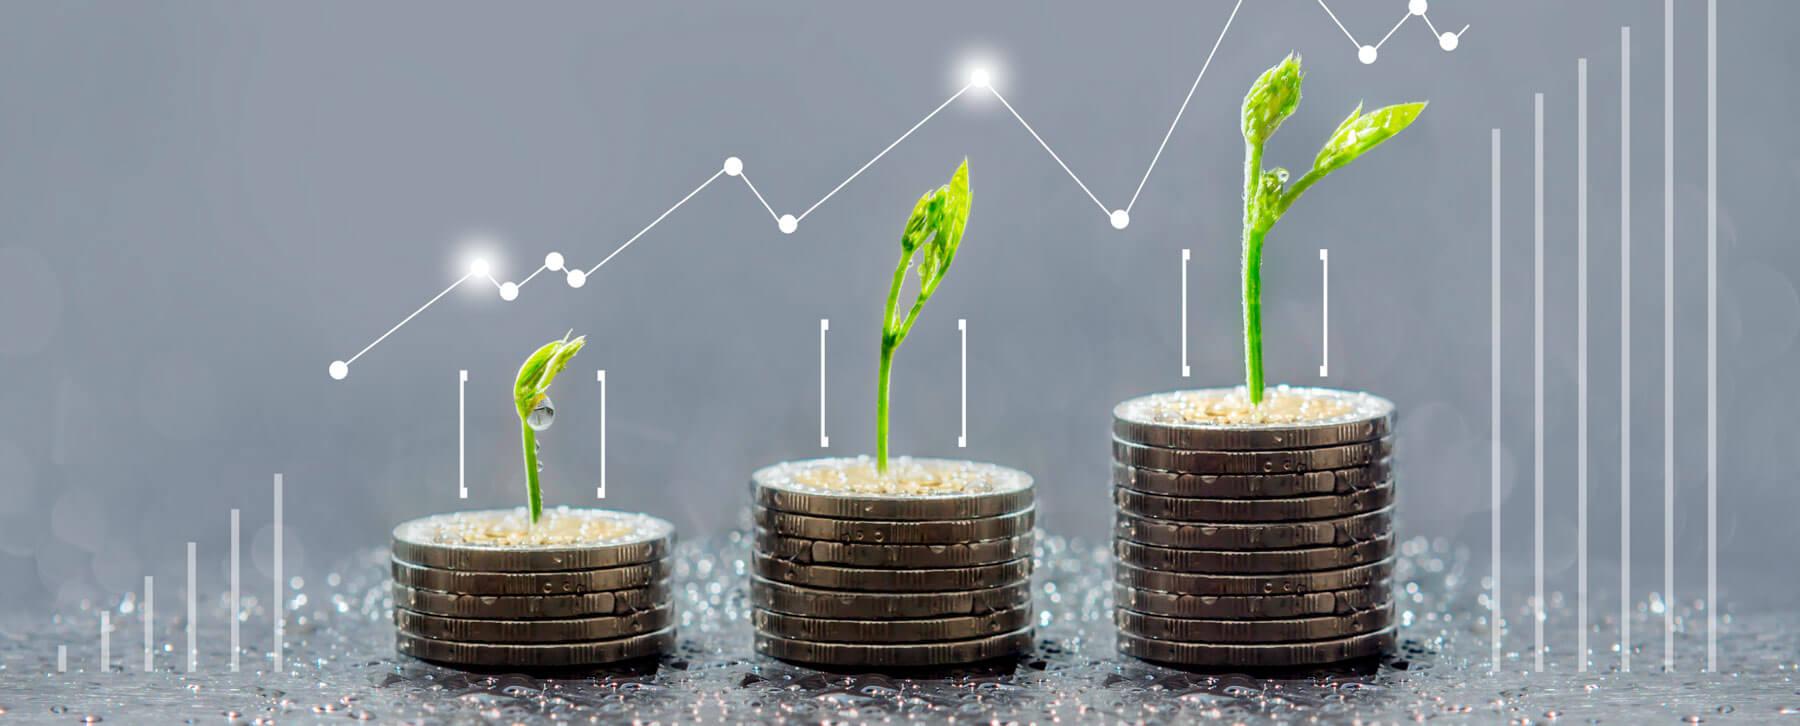 Financiación sostenible: préstamos, bonos, etc.